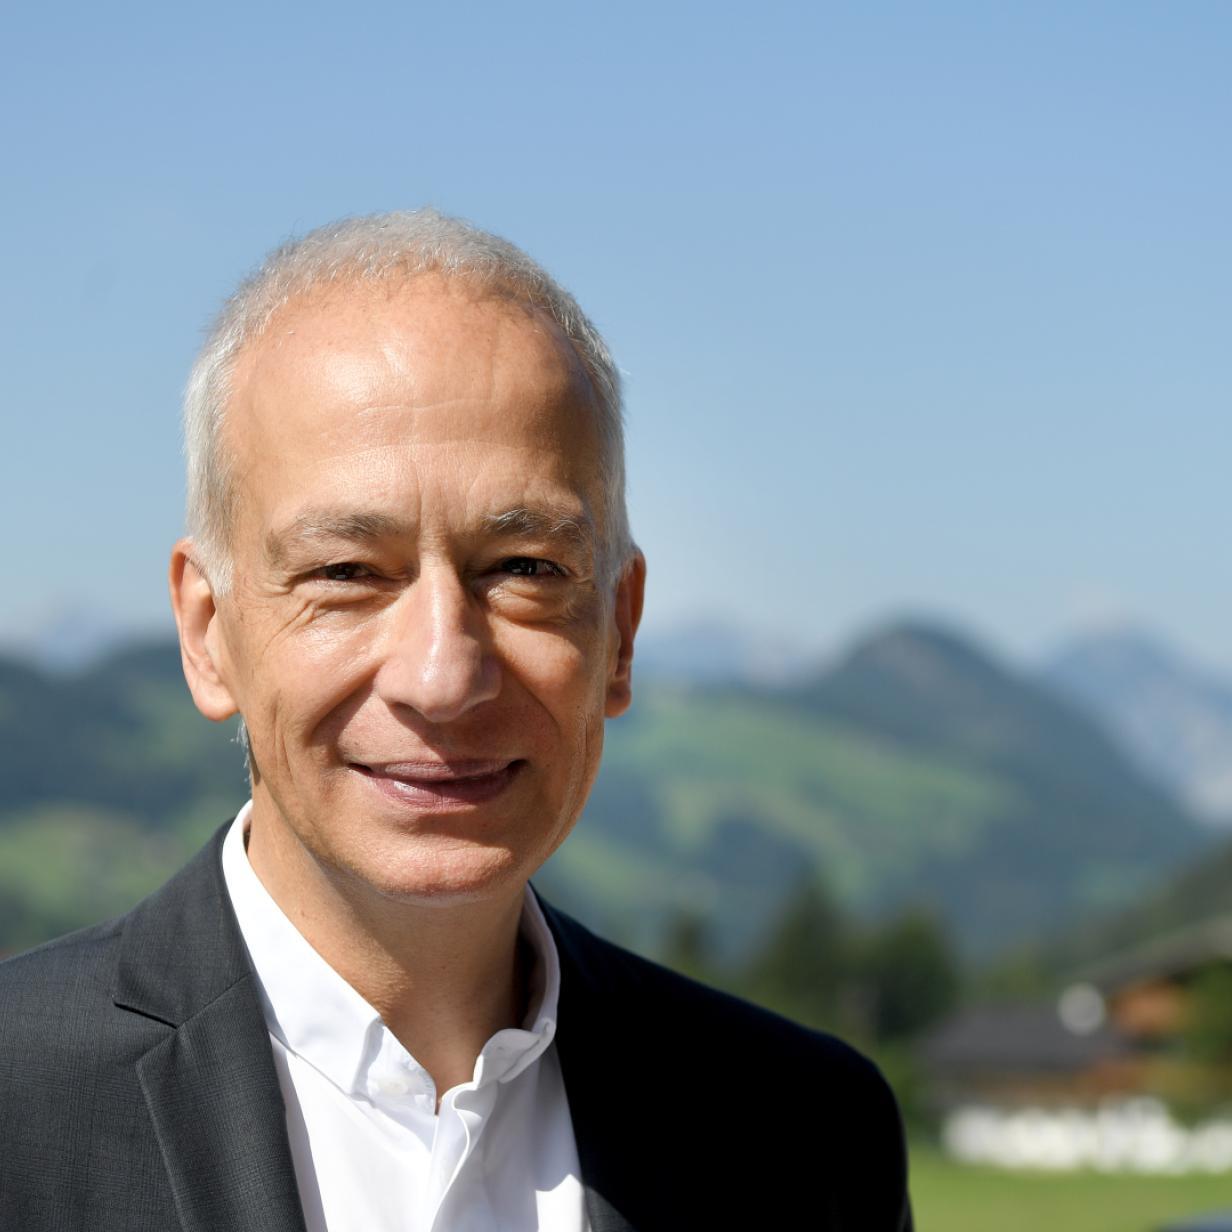 Partnersuche waldneukirchen Oberwagram anzeigen